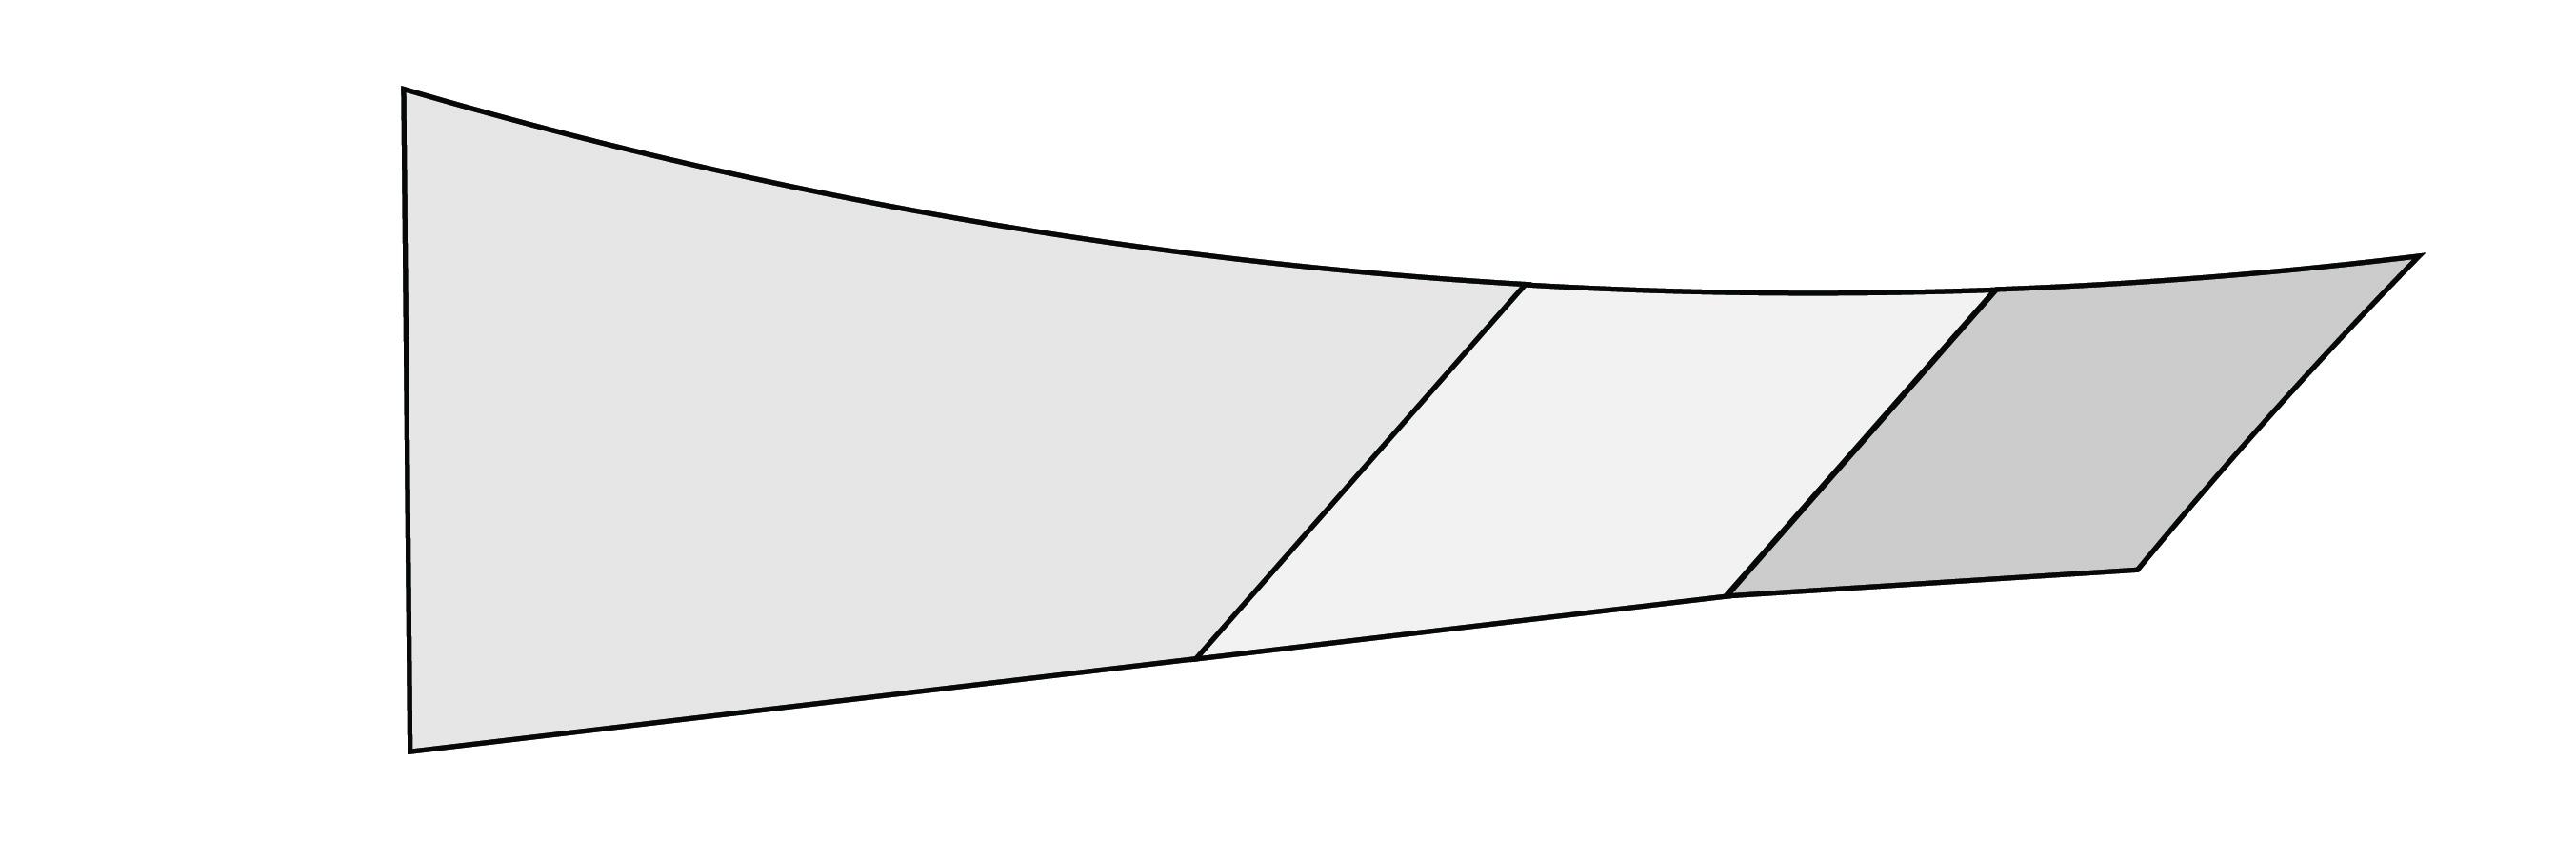 Diagrams2-11